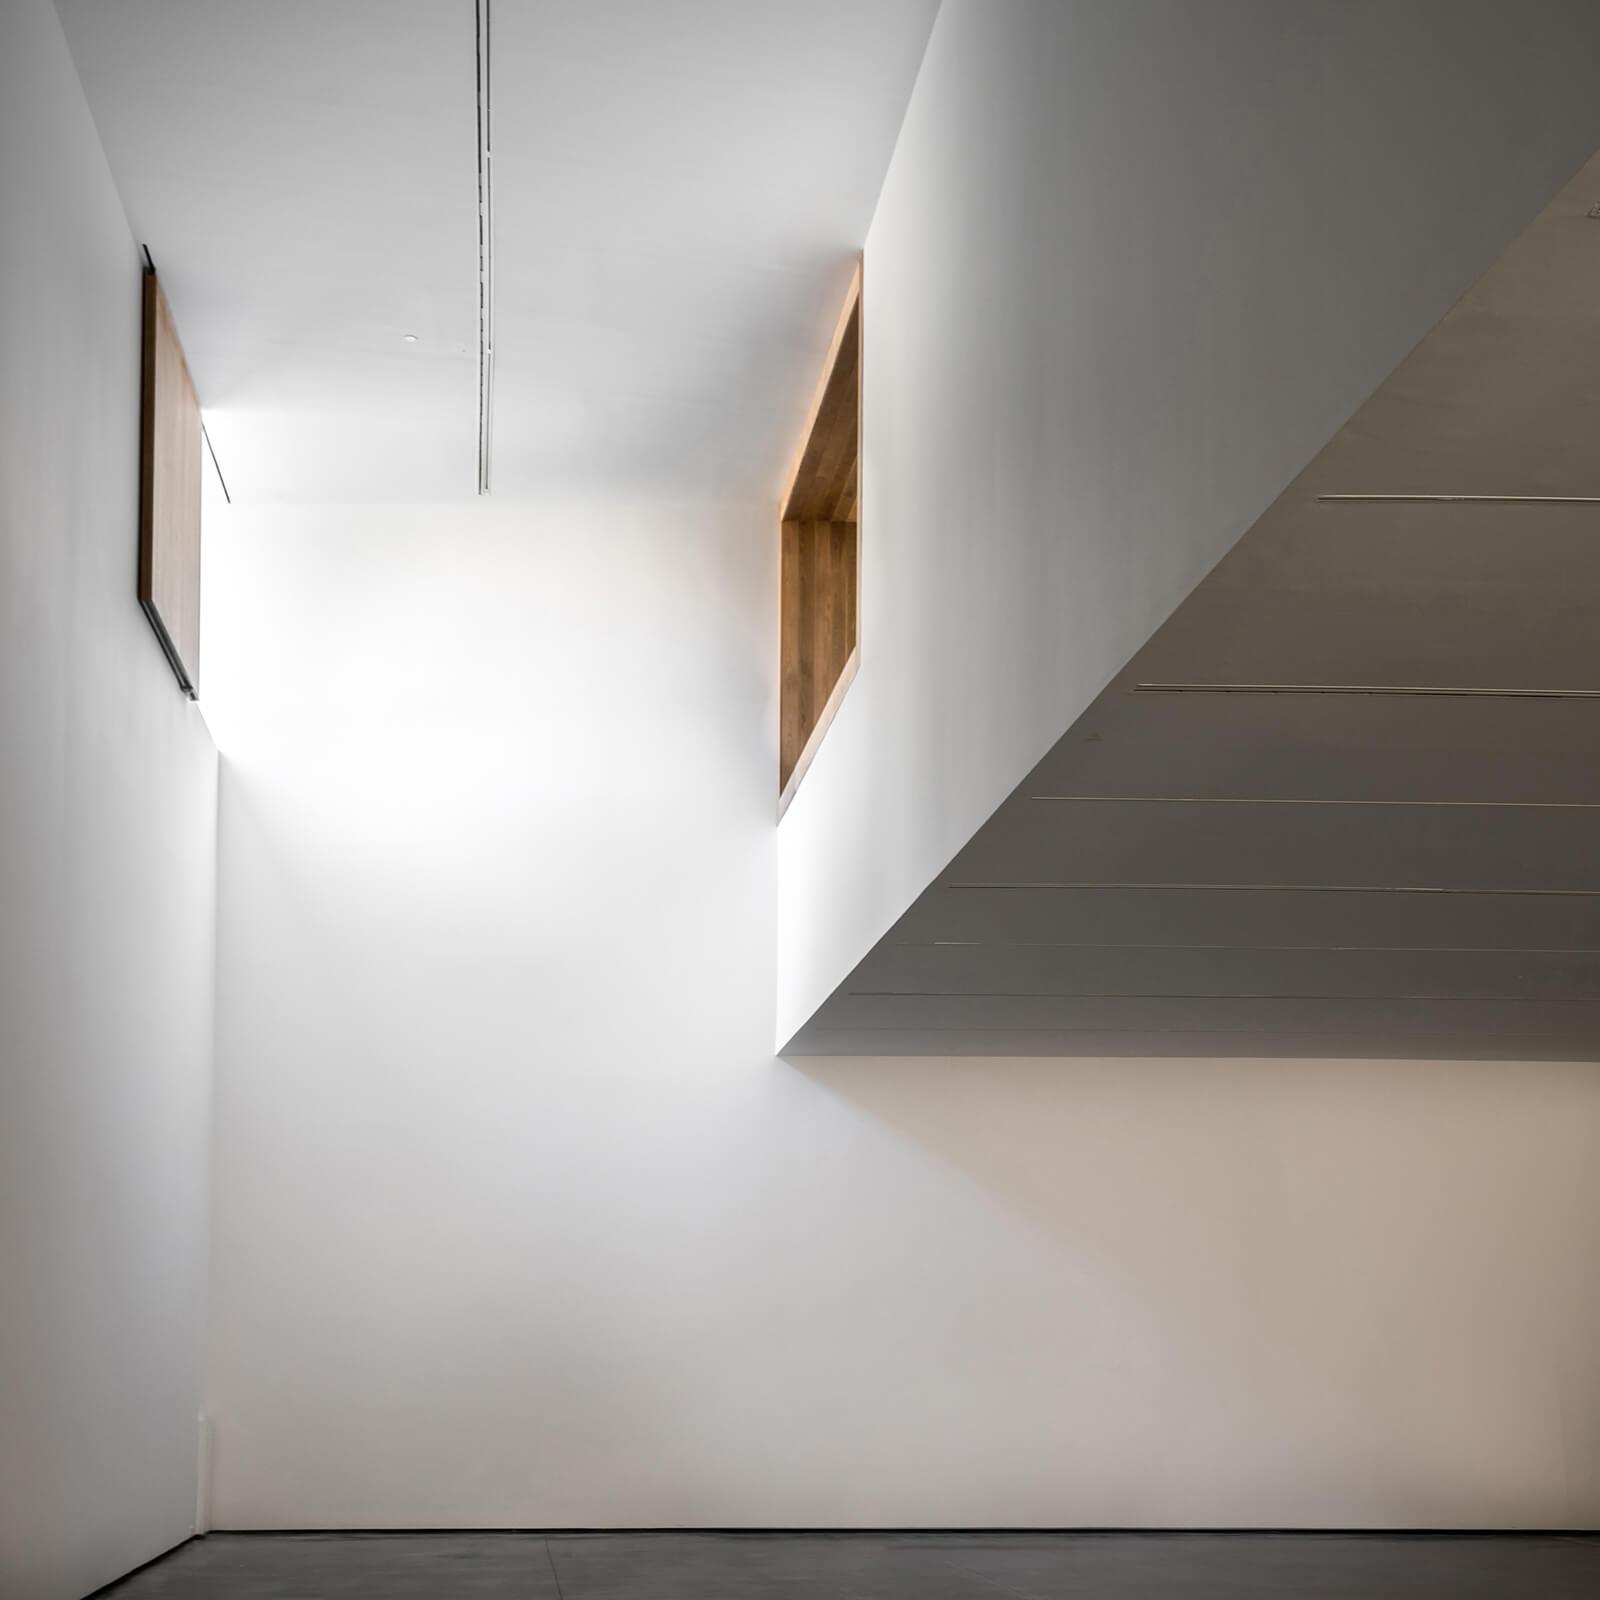 Museo de Arte Contemporáneo Helga de Alvear  - 10.1 52